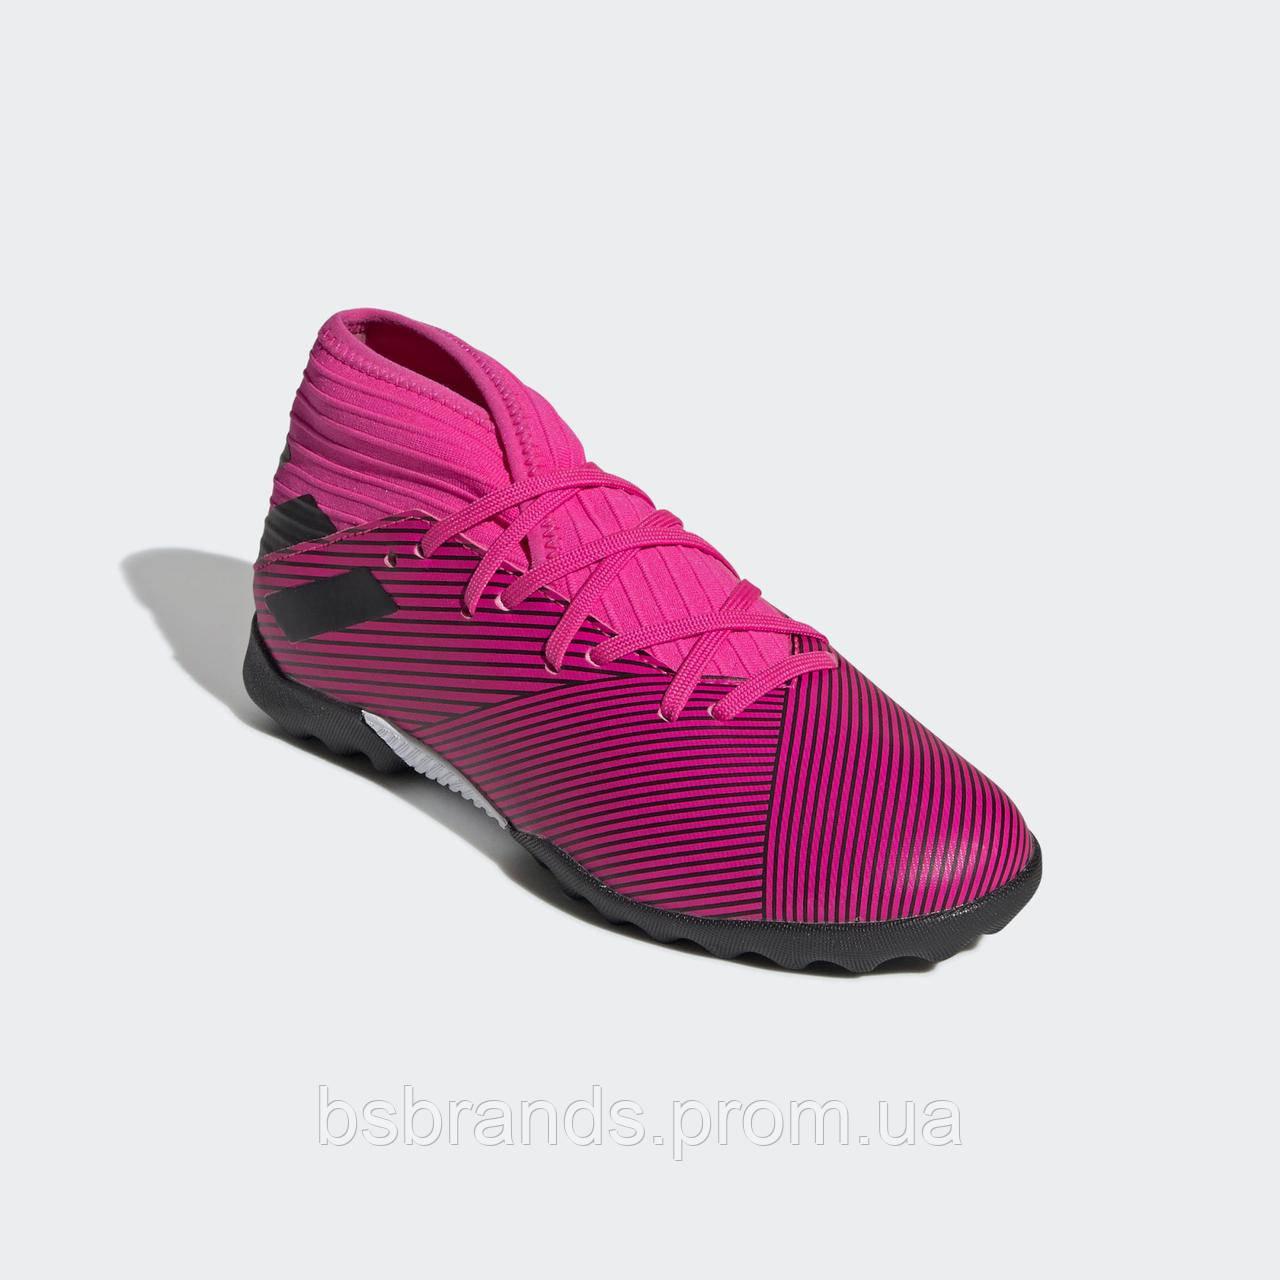 Детские футбольные бутсы adidas Nemeziz 19.3 TF F99944